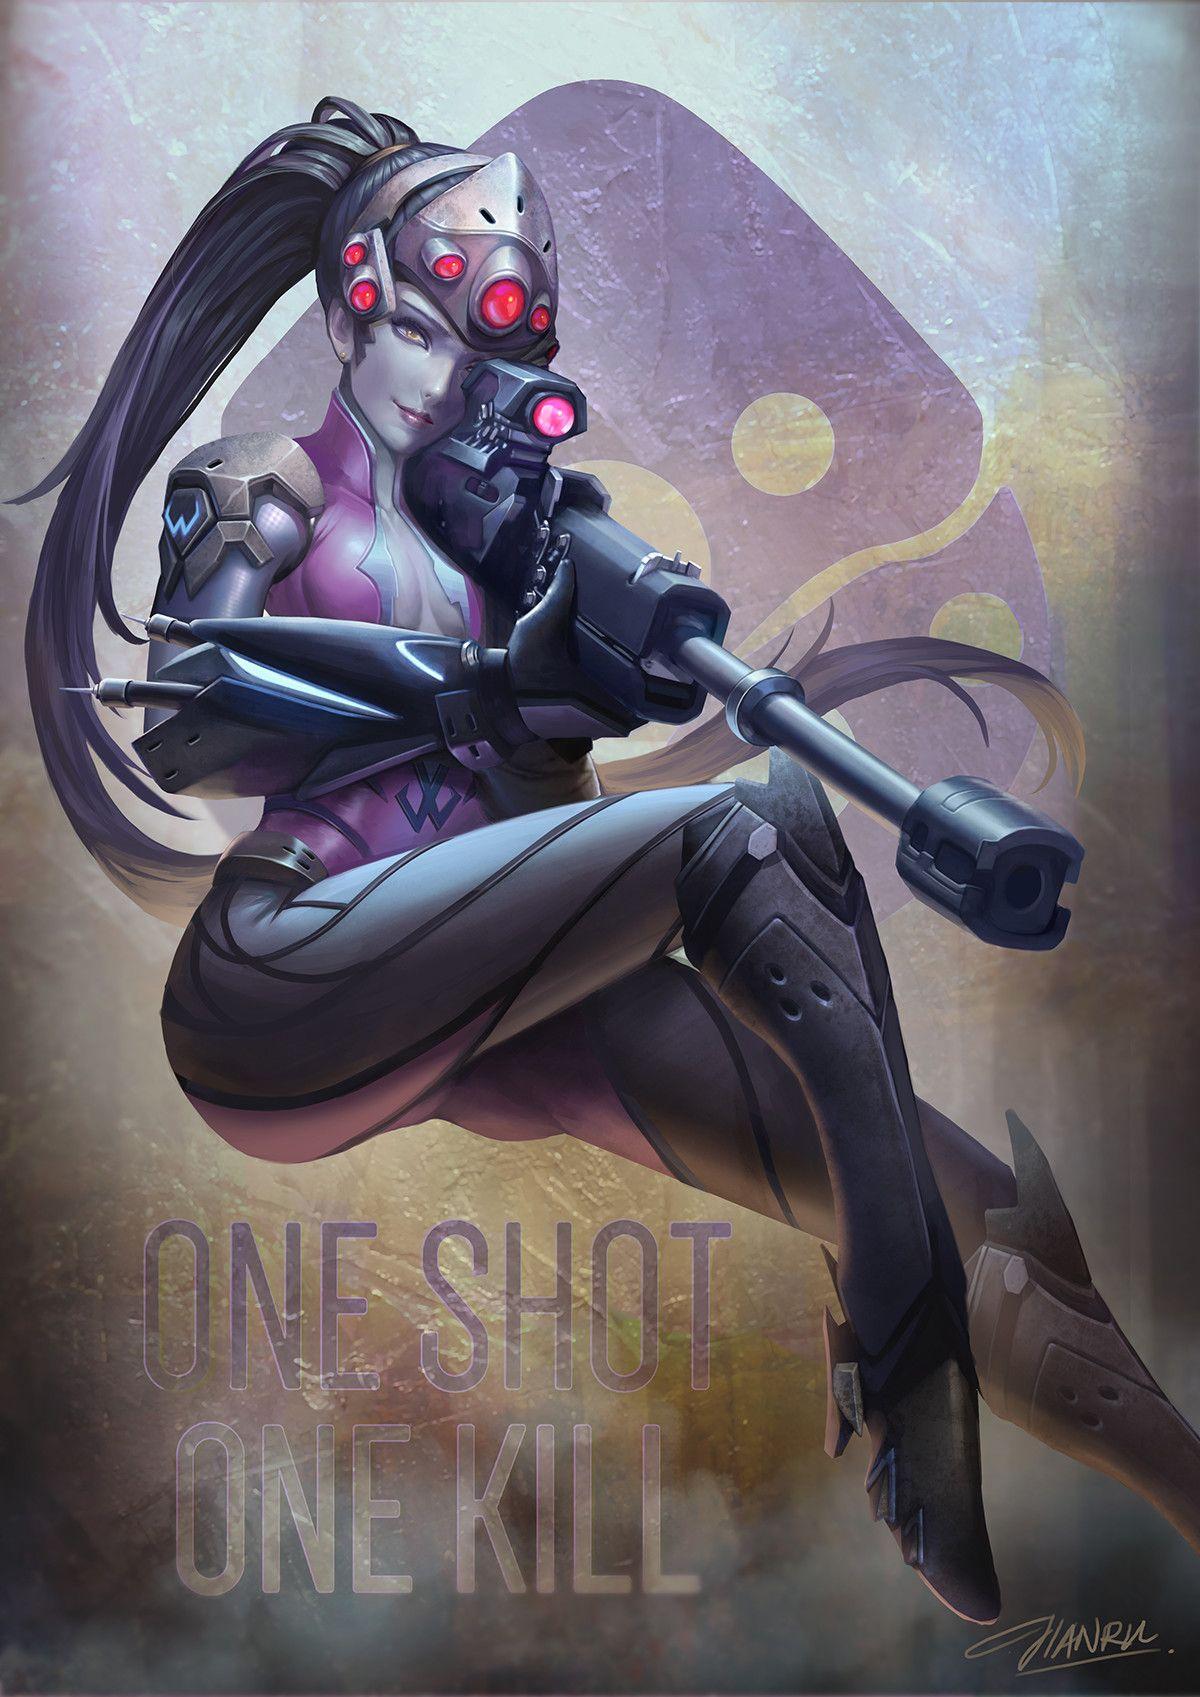 ArtStation Widowmaker Overwatch Fanart, Jianru Tam